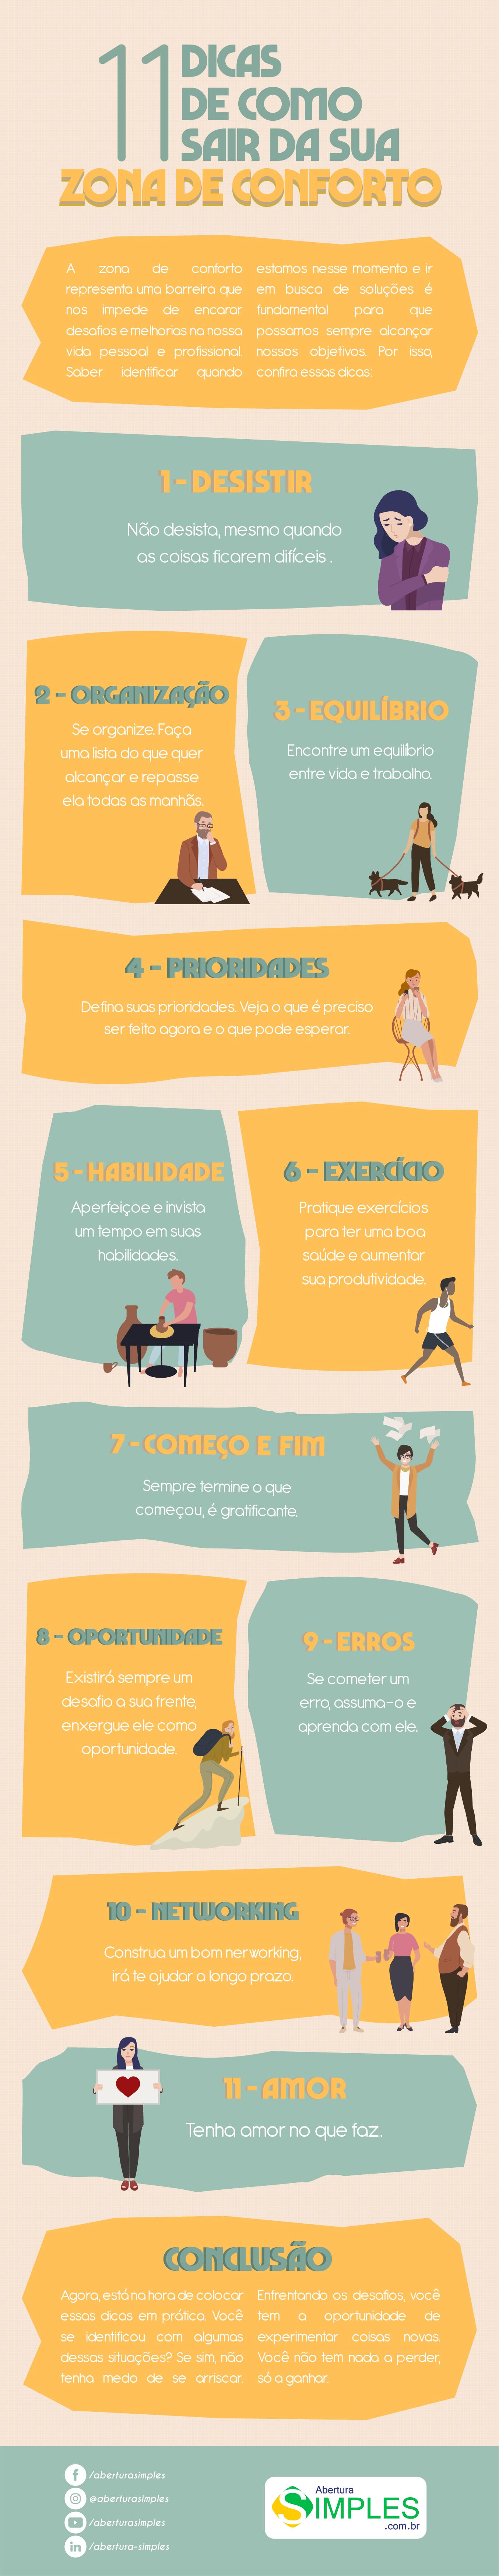 Imagem de um infográfico que mostra as 11 dicas de como sair da sua zona de conforto